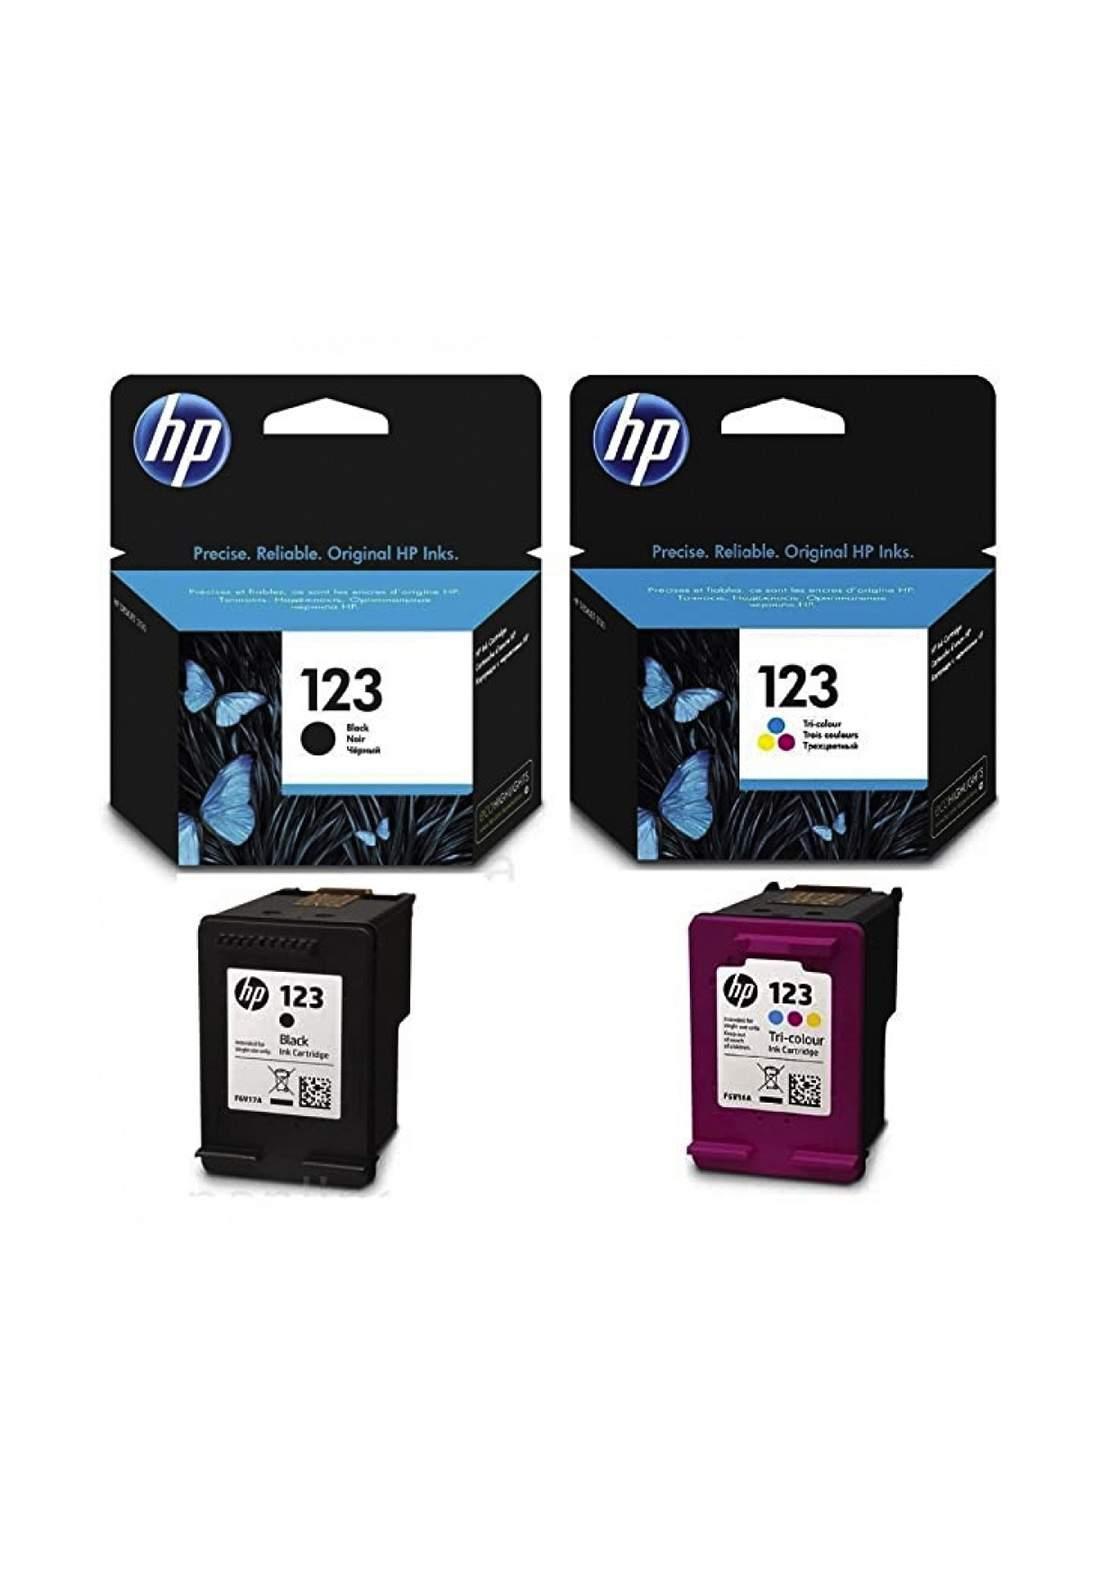 HP 123 2-pack Black/Tri-color Original Ink Cartridges Set  خرطوشة حبر